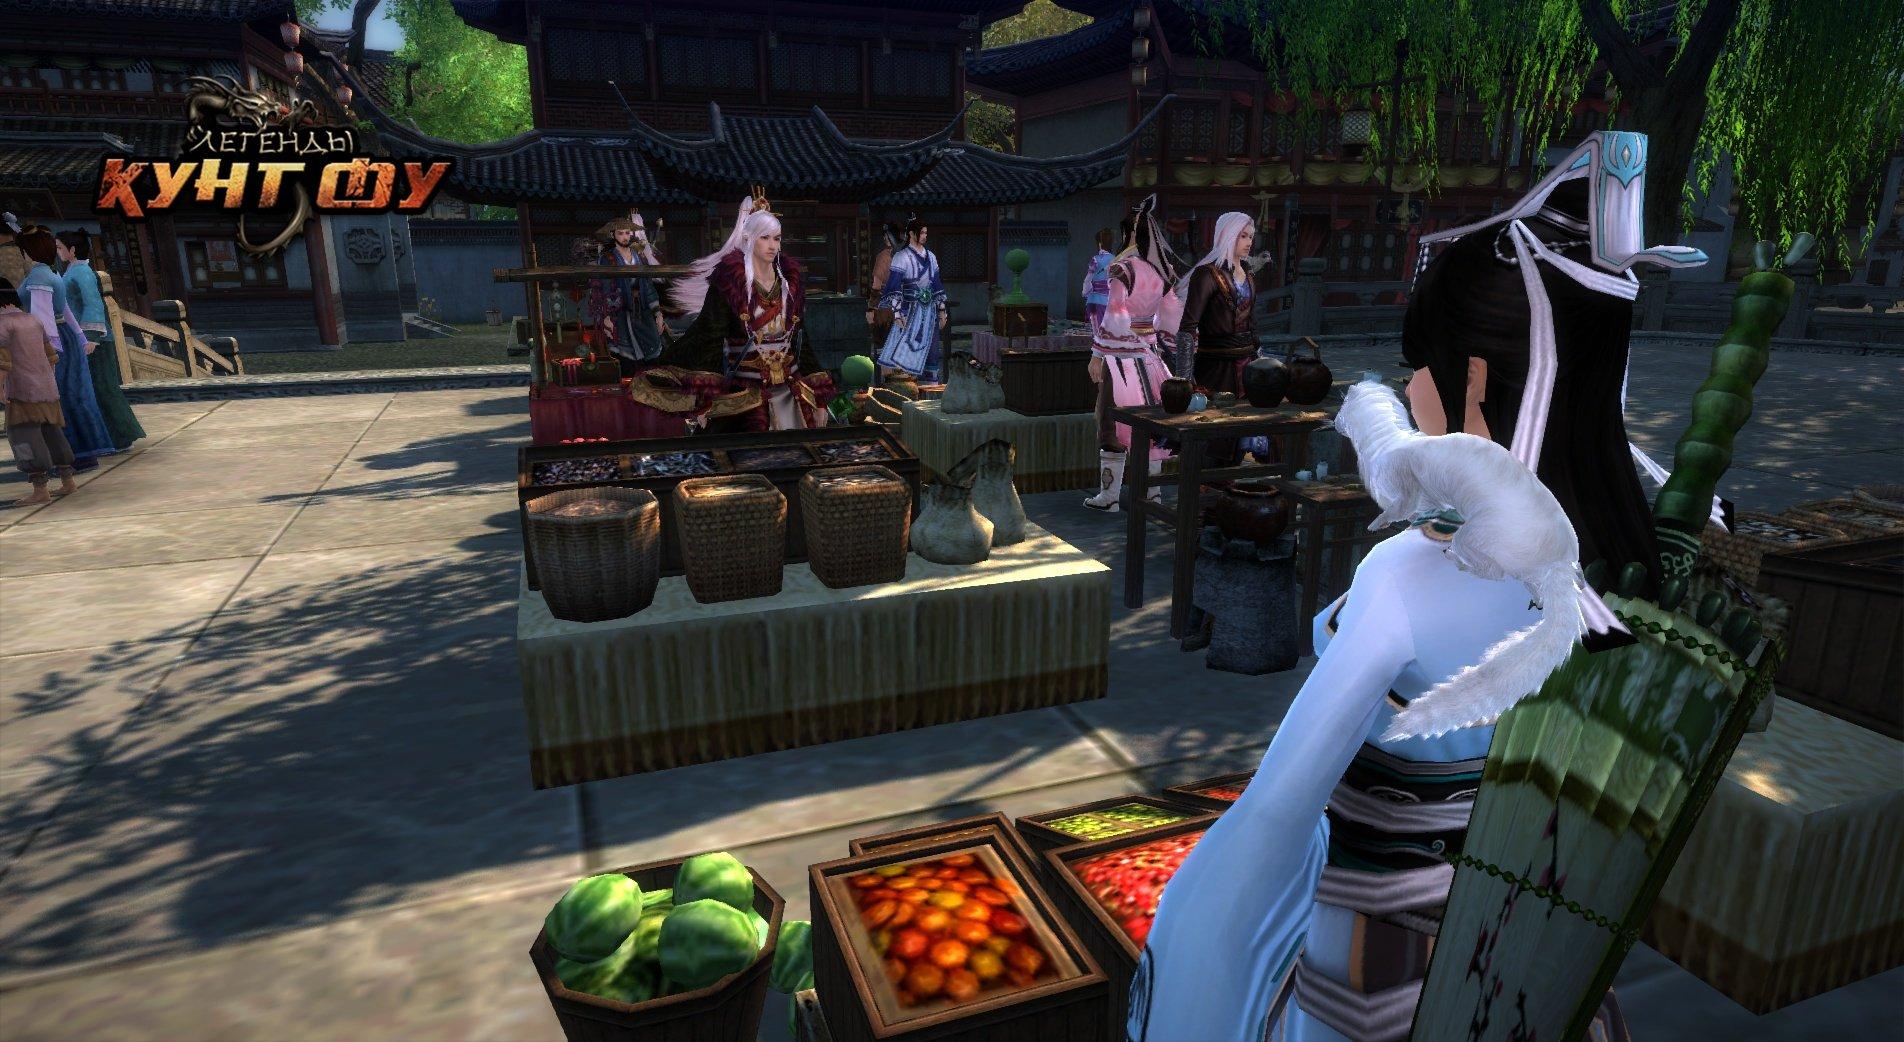 Легенды Кунг Фу: Предостережение о мошенниках. - Изображение 3